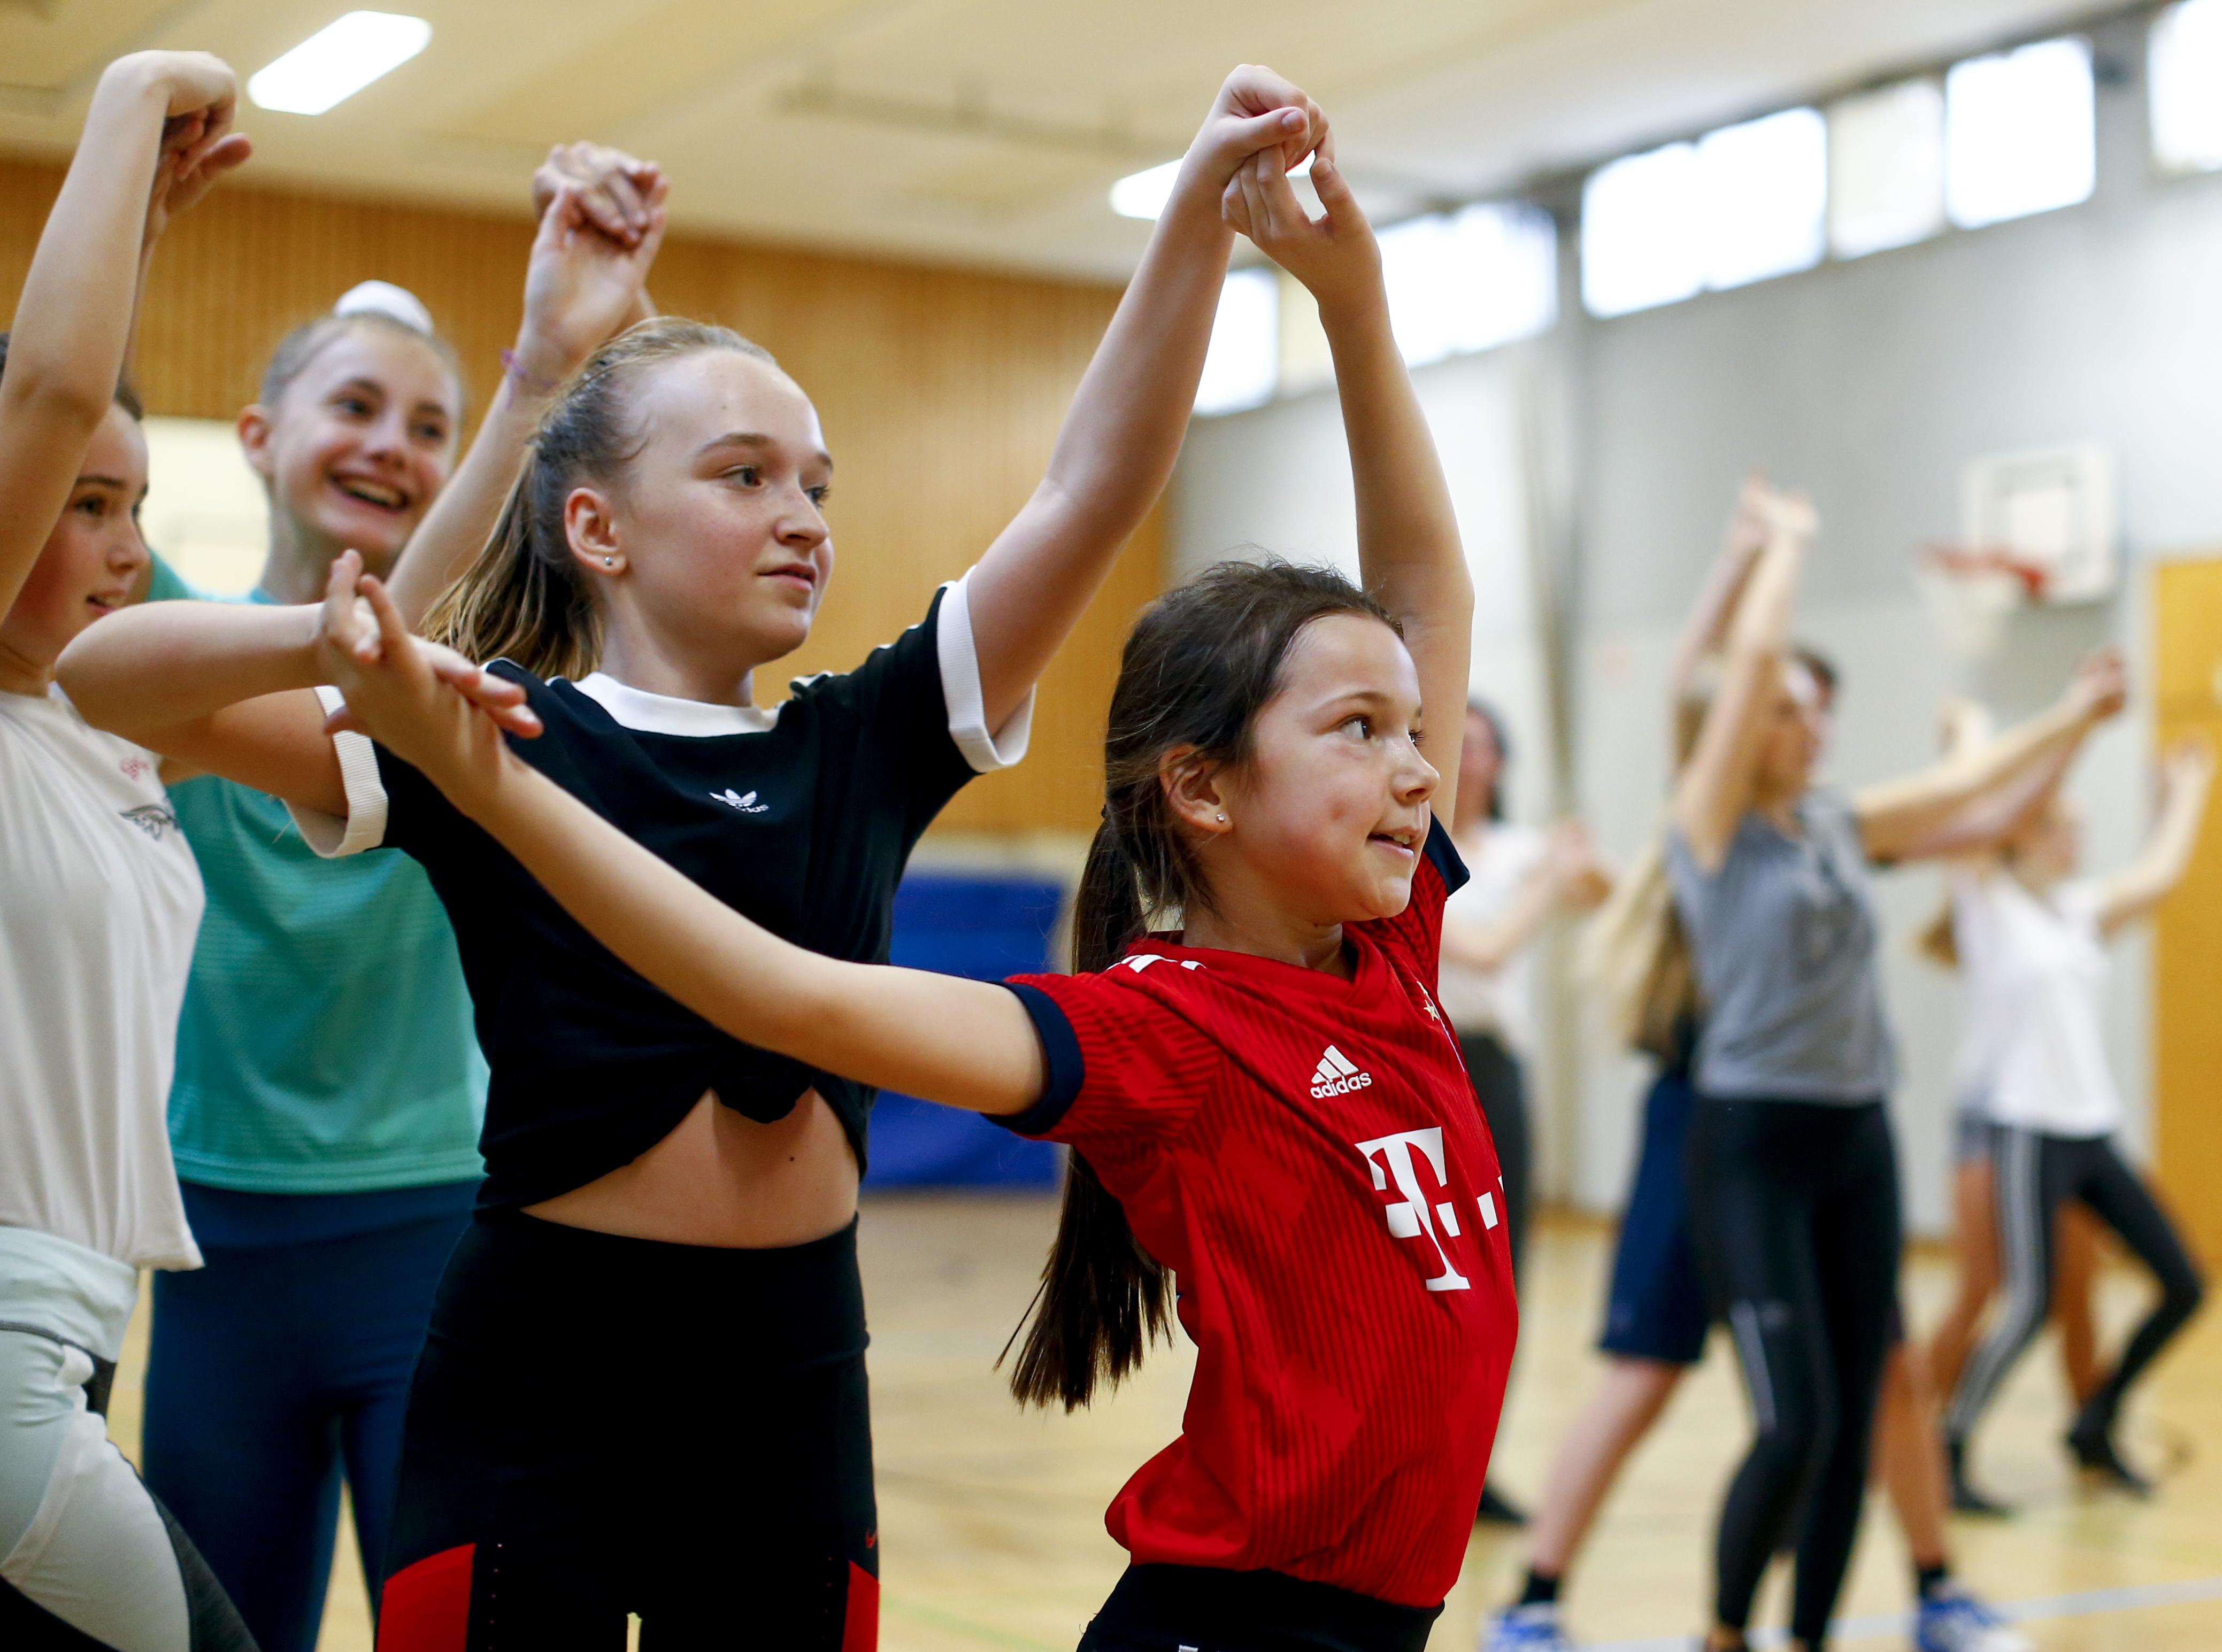 Mit ihrer Tanzgruppe begeistert Cassia Kürten schon die Kleinsten für den Karneval. Jeder gibt sein Bestes – auch beim Training.